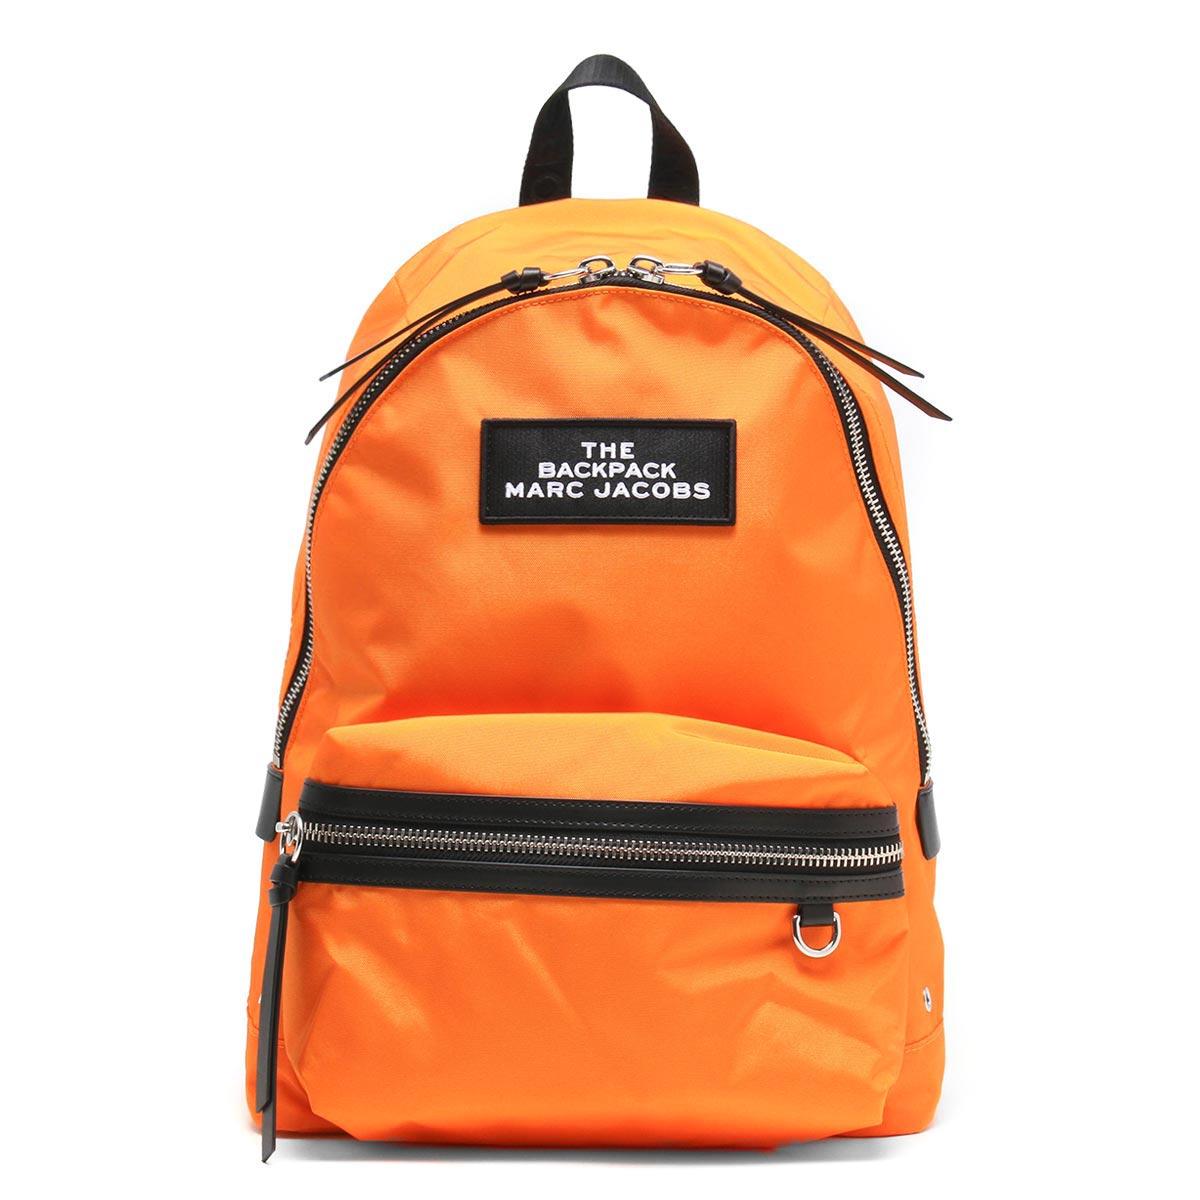 マークジェイコブス リュックサック/バックパック バッグ レディース ザ バックパック ラージ オレンジ M0015414 800 MARC JACOBS